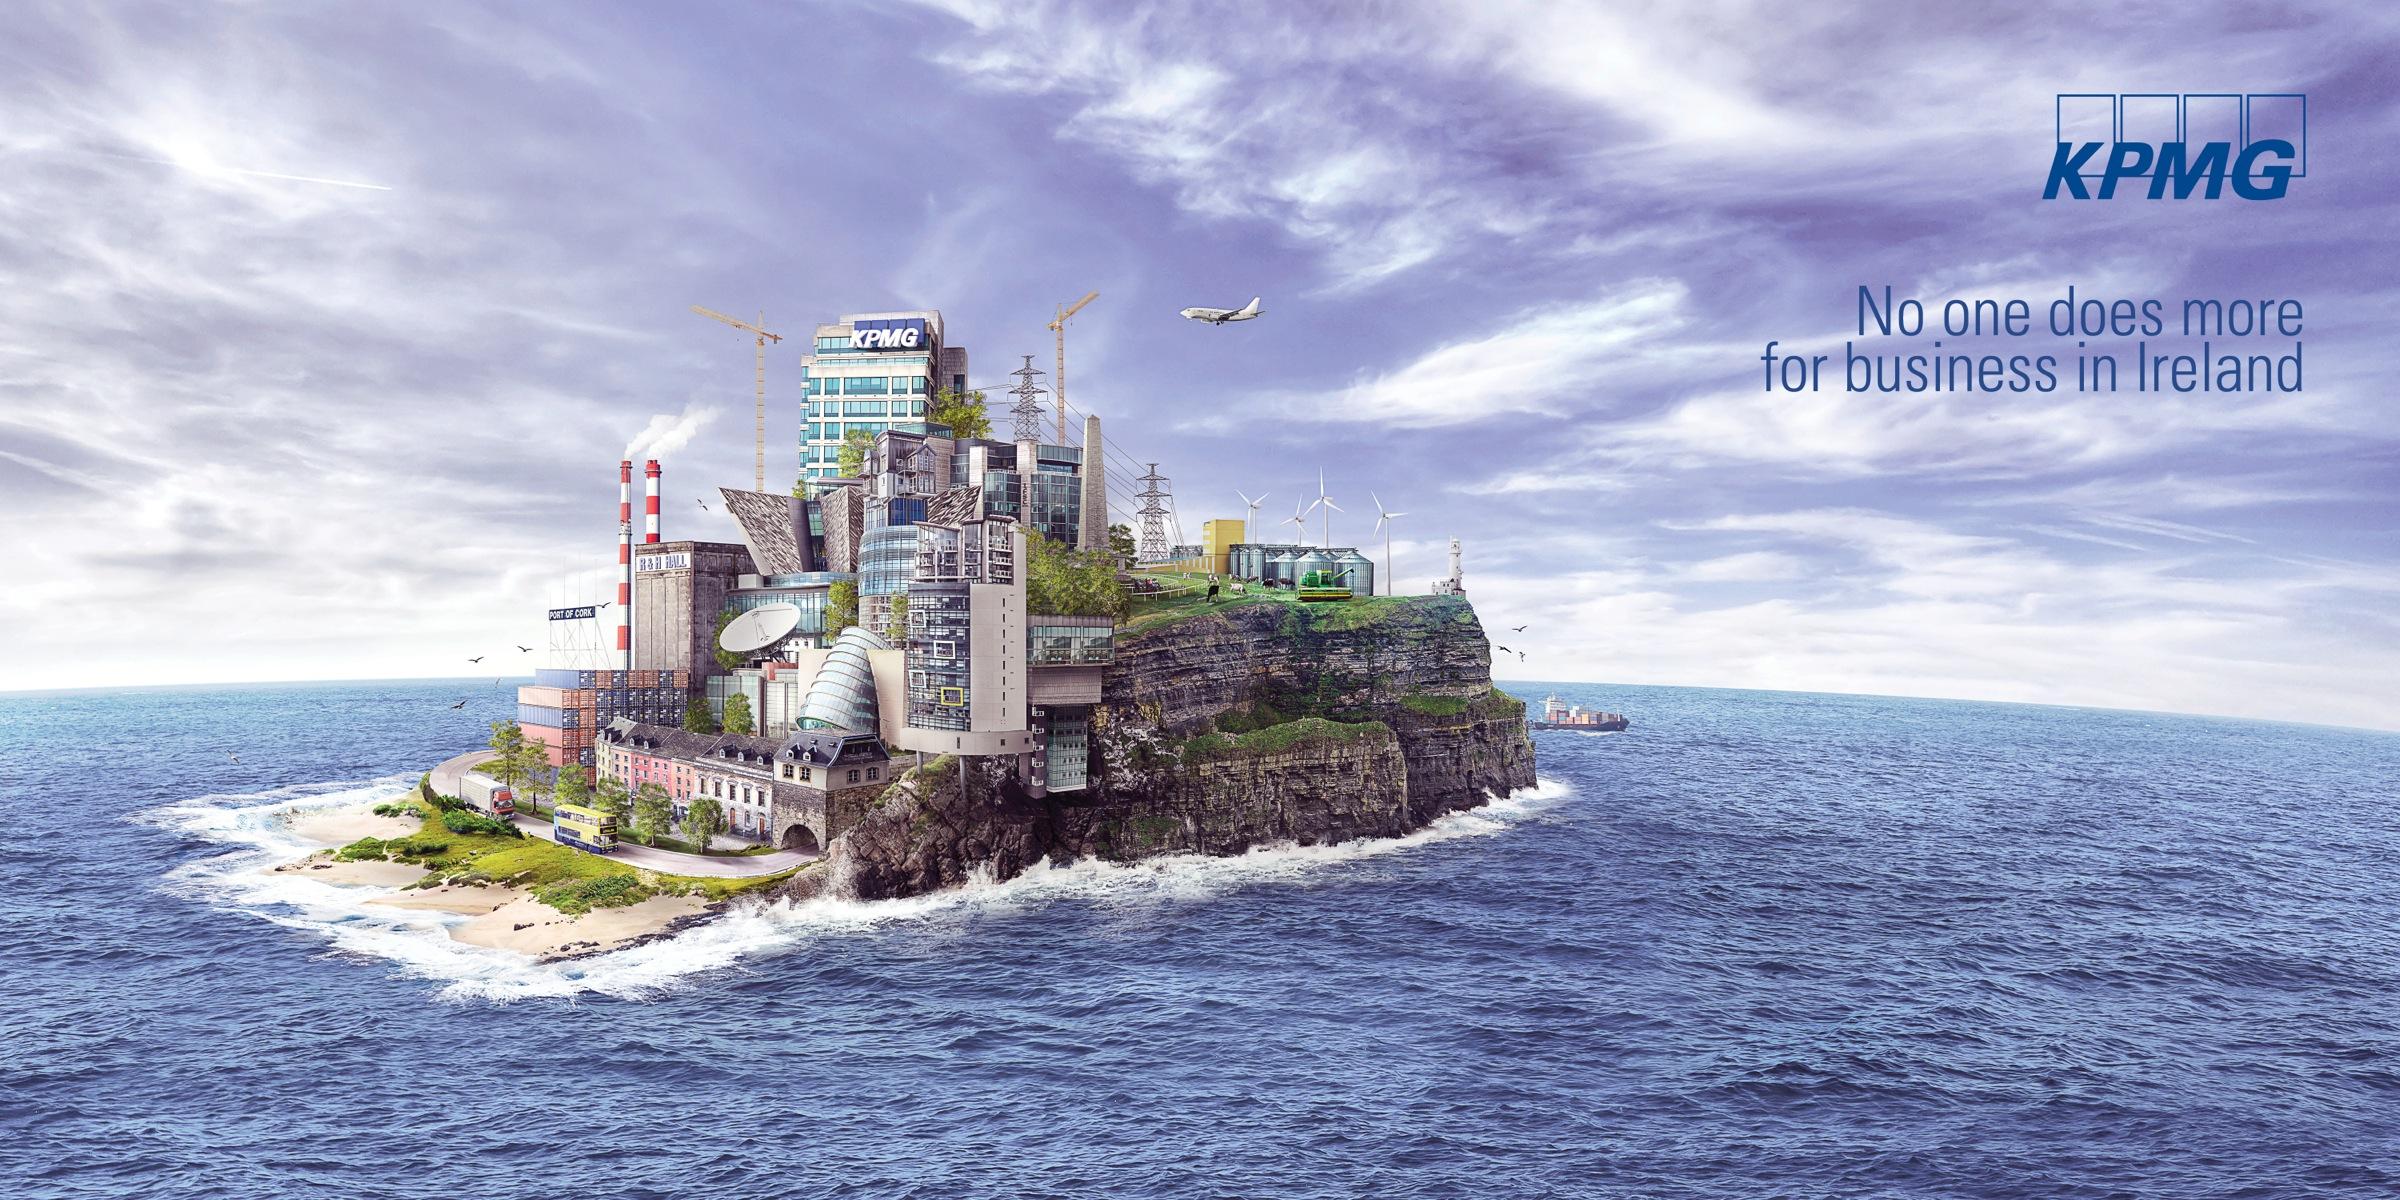 kpmg-island-print-381982-adeevee